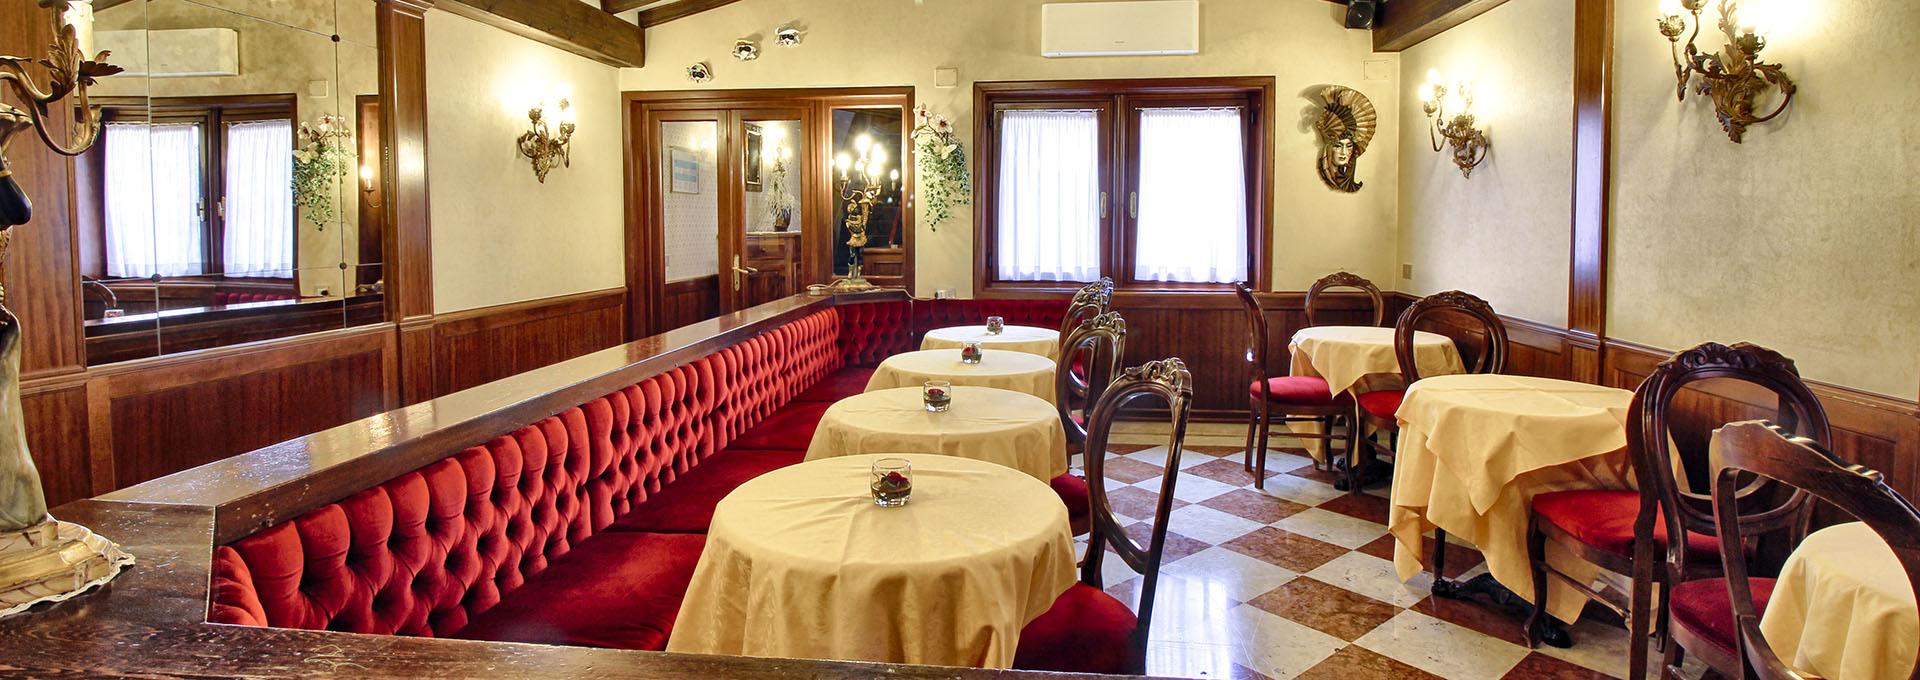 Hotel Venezia 2 stelle in Centro Storico, Economico | Offerte Speciali